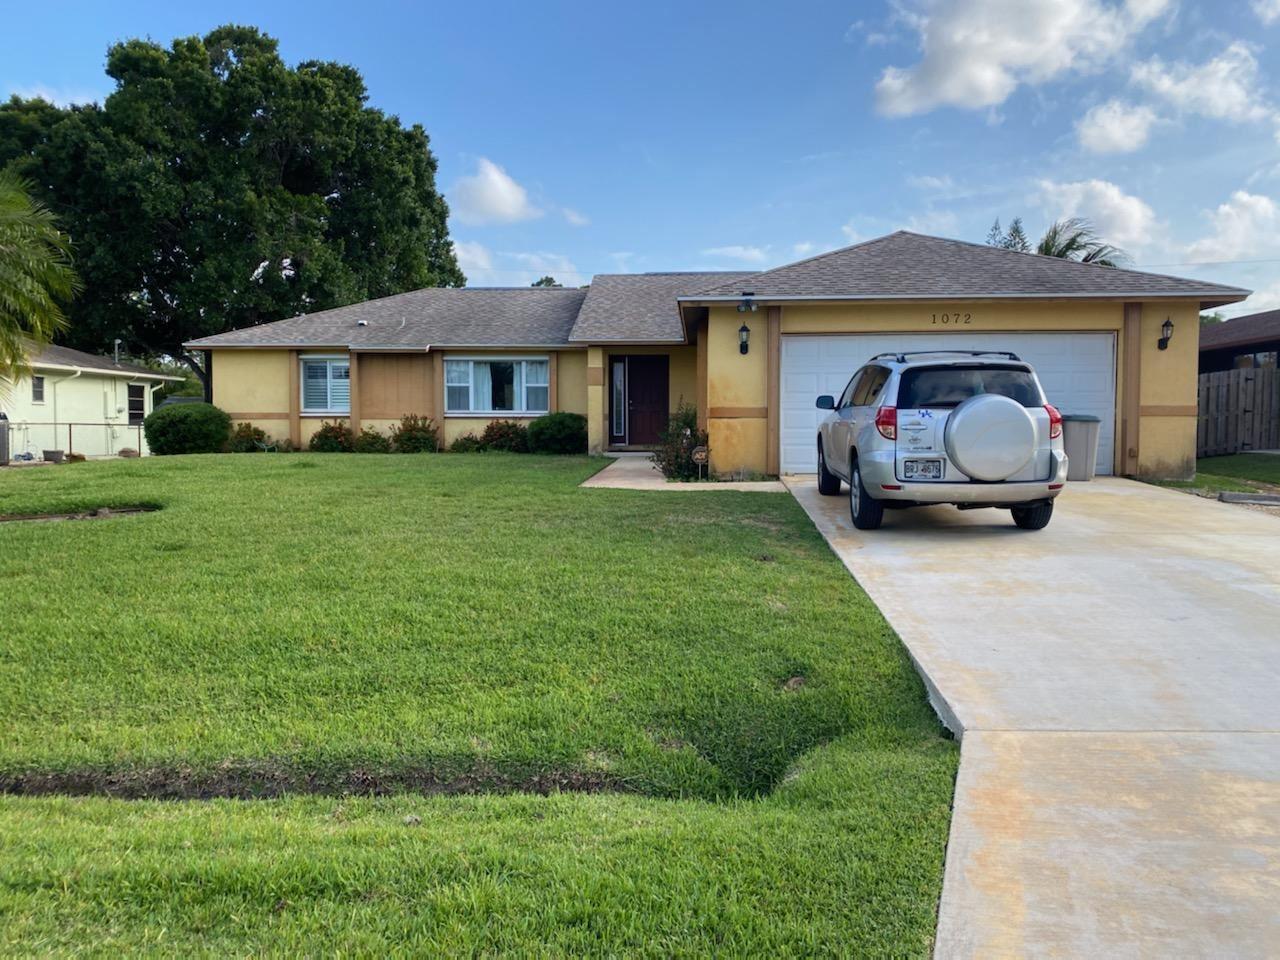 1072 SE Seagrass Avenue, Port Saint Lucie, FL 34983 - MLS#: RX-10721671